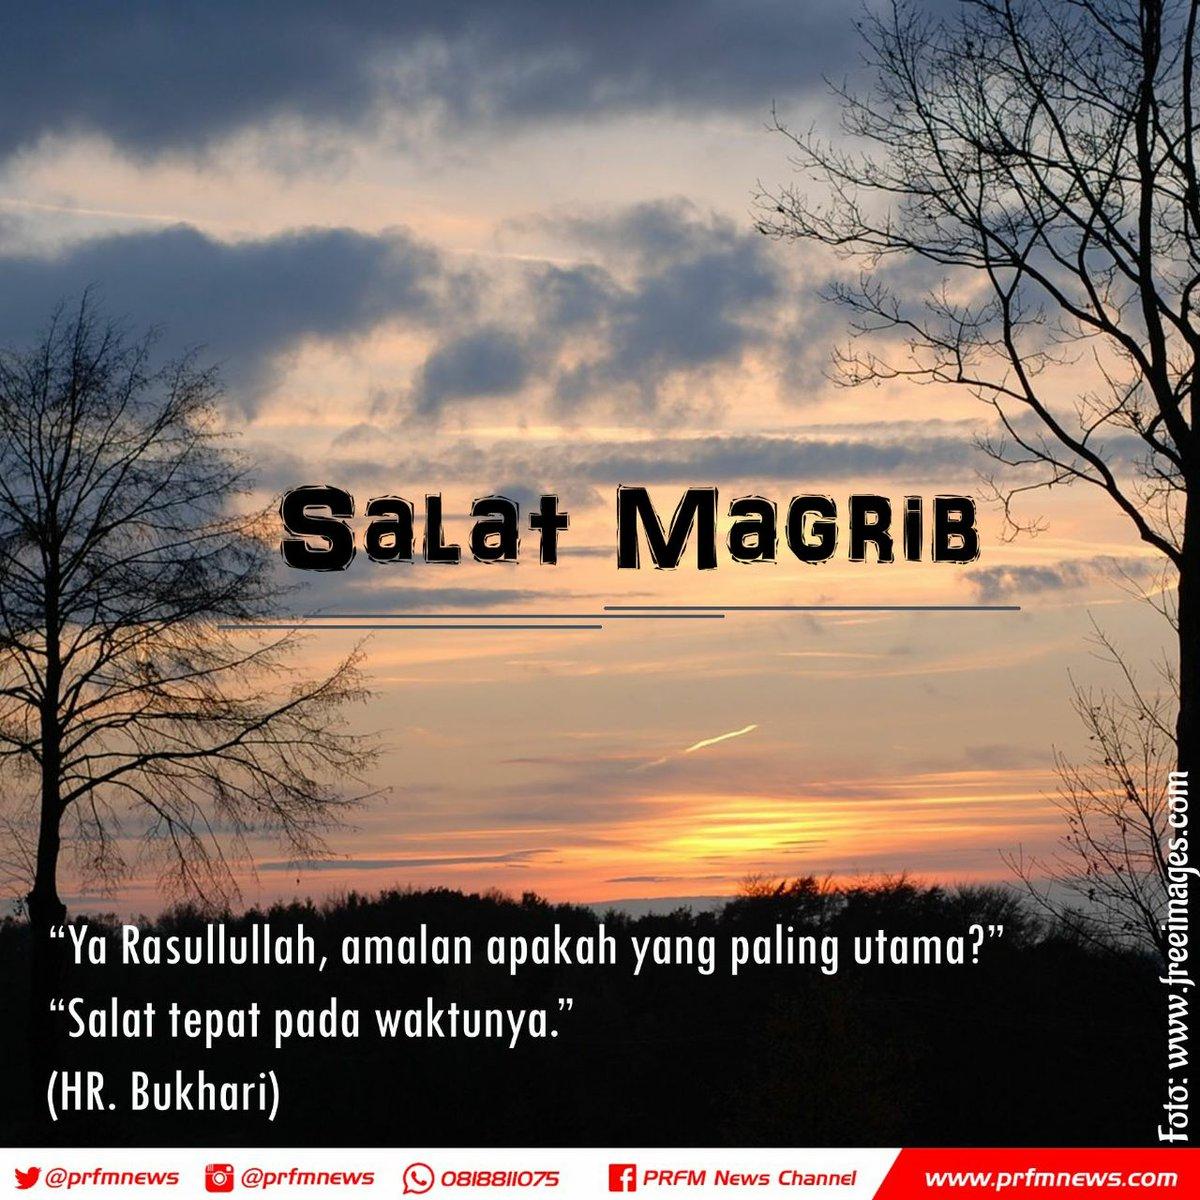 Radio Prfm Bandung Twitterissa Telah Tiba Waktunya Adzan Magrib